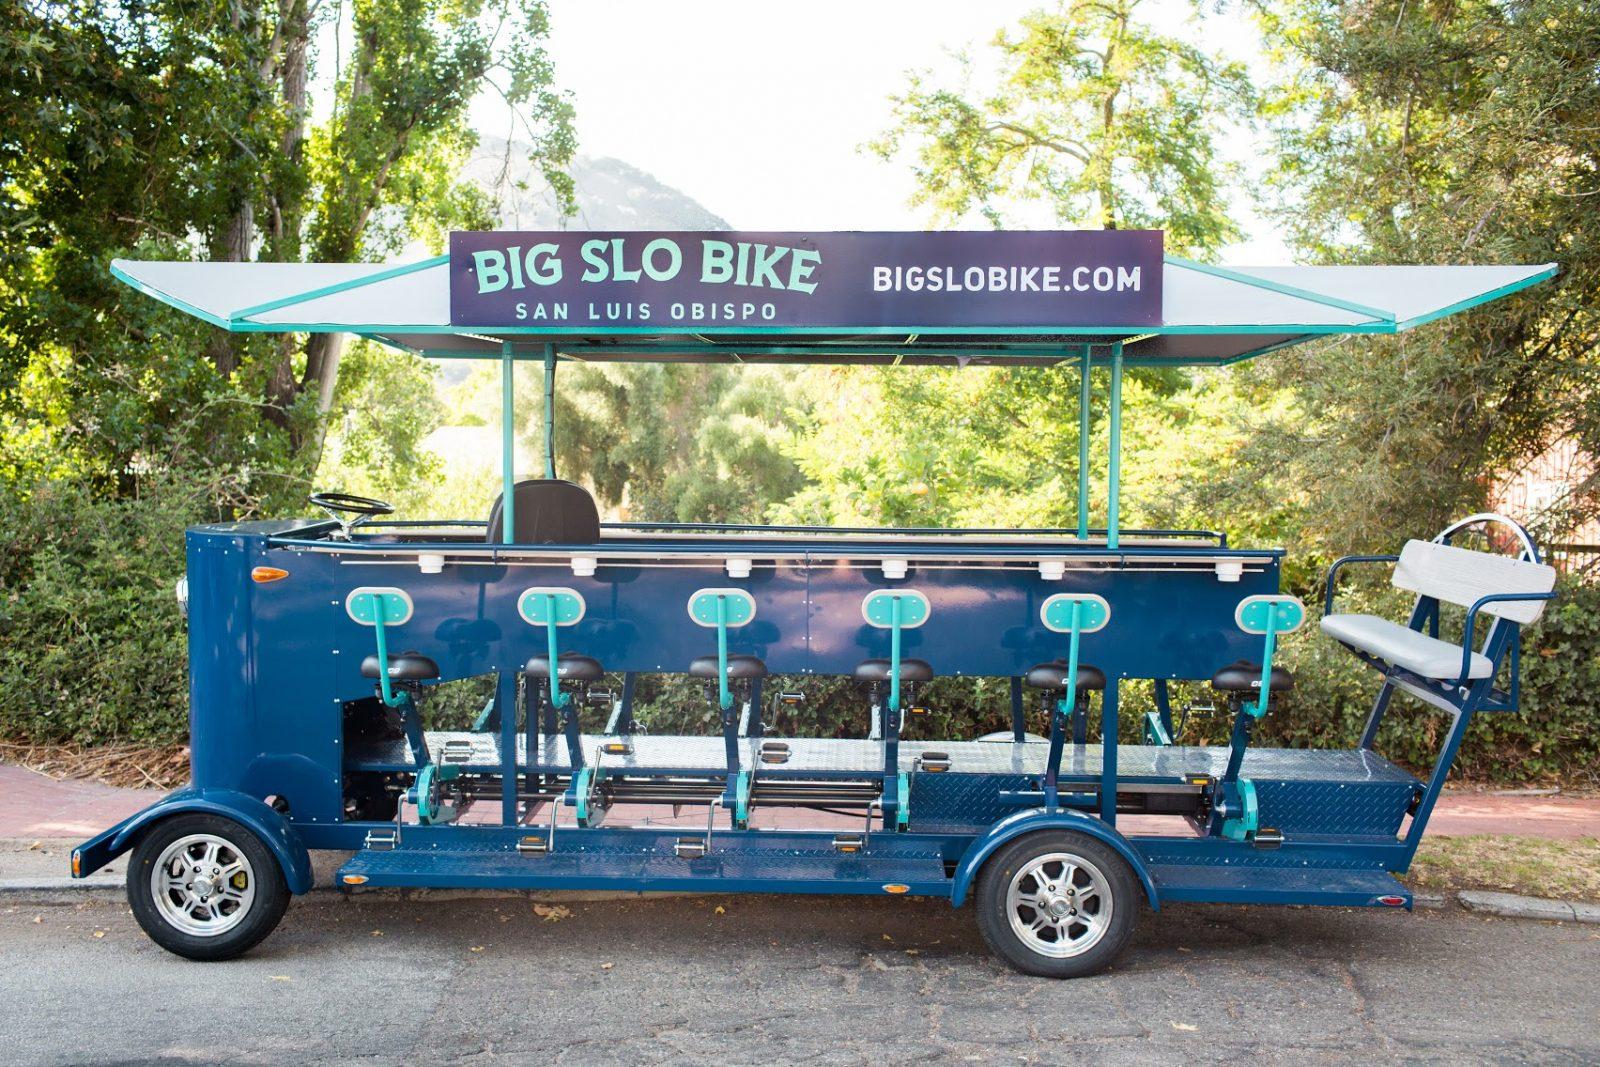 Big SLO BIke